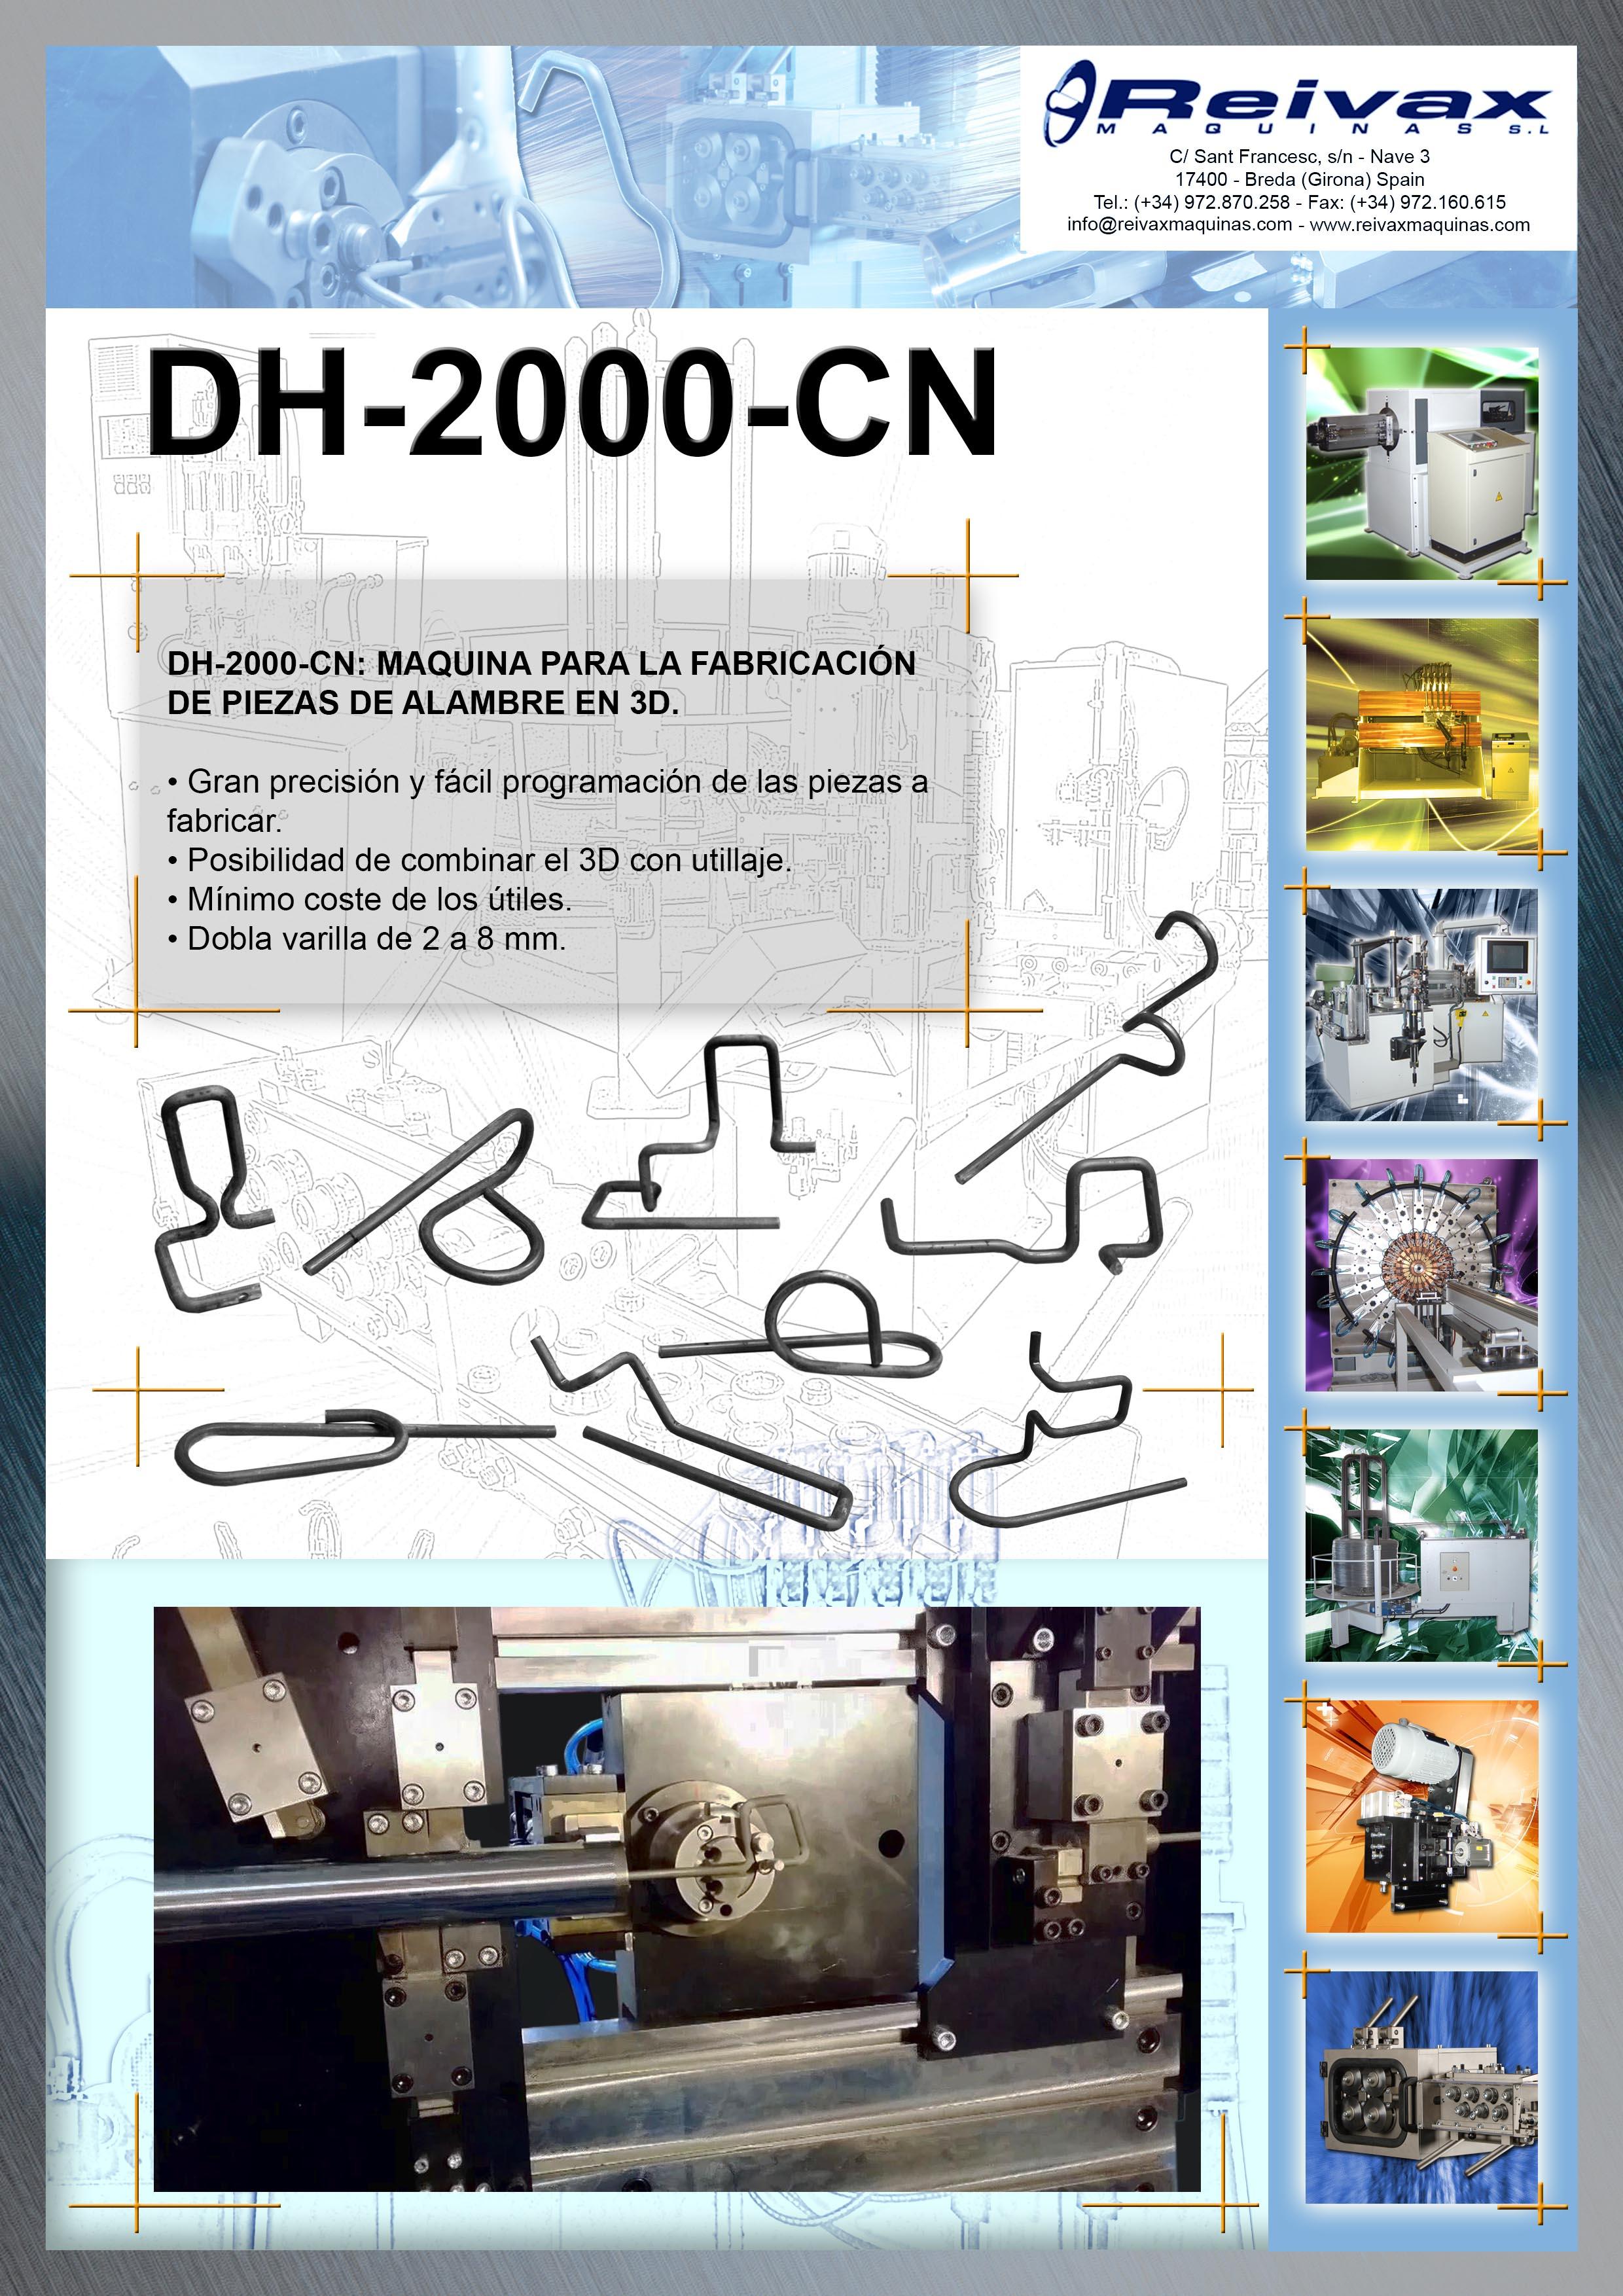 ReivaxMaquinas: Ficha Tecnica DH-2000-CN